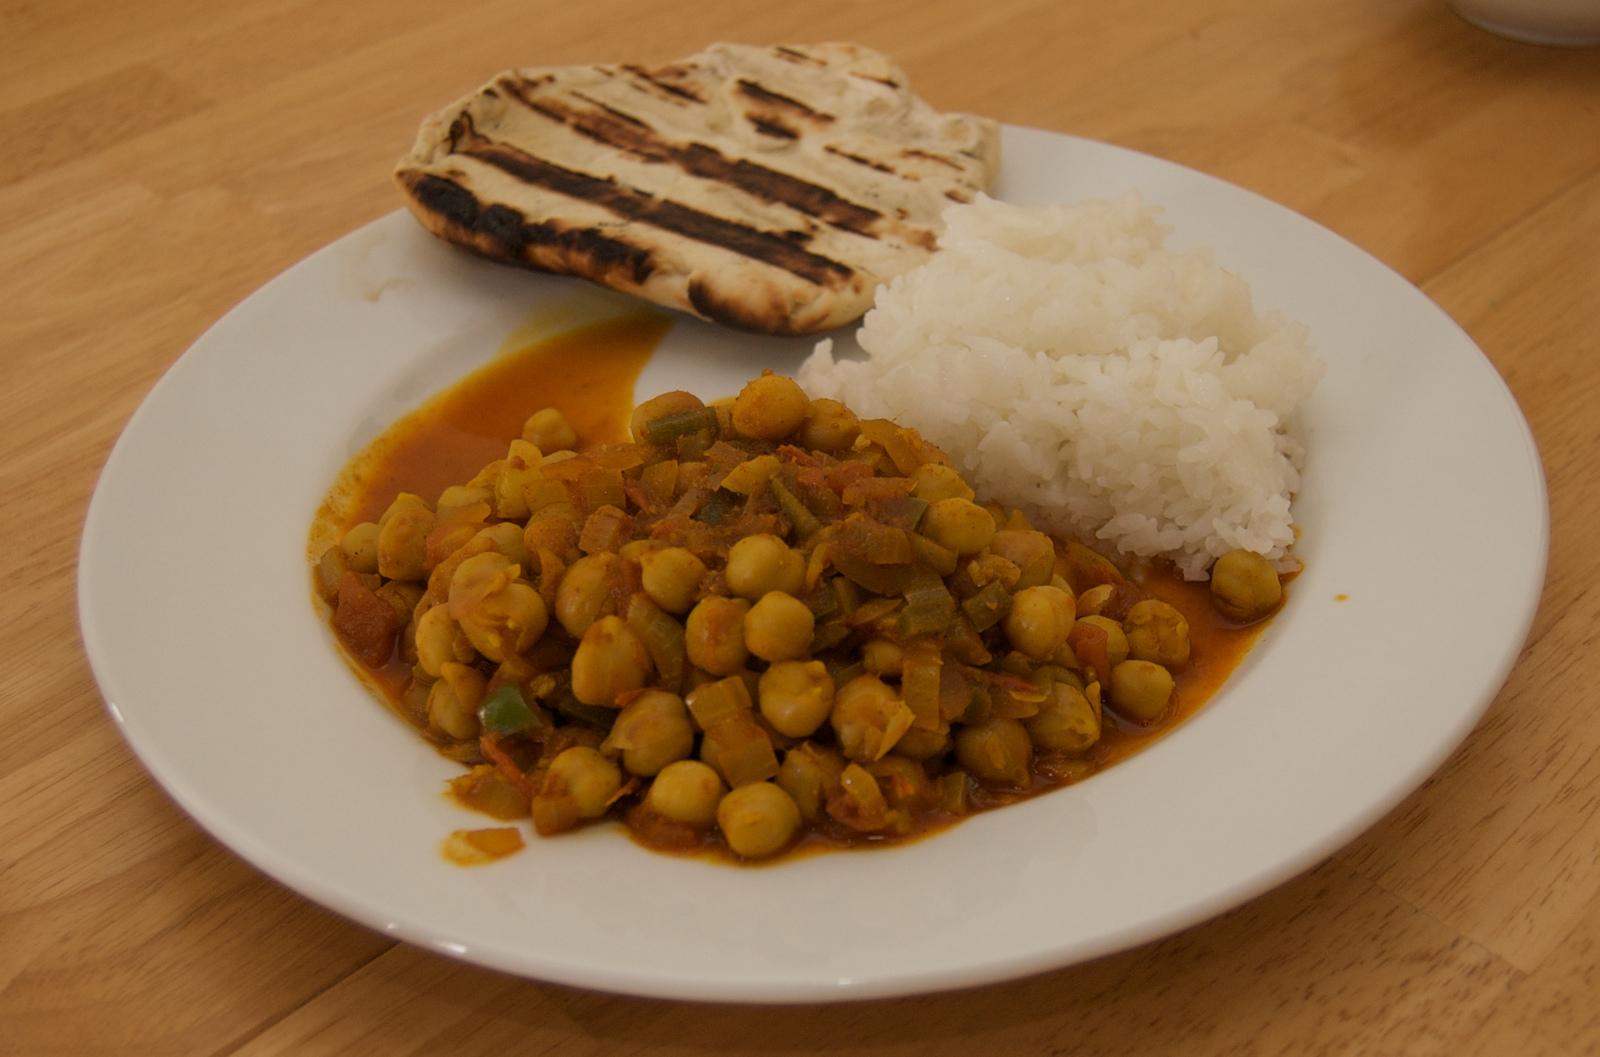 http://blog.rickk.com/food/2010/03/07/channa_masala.jpg